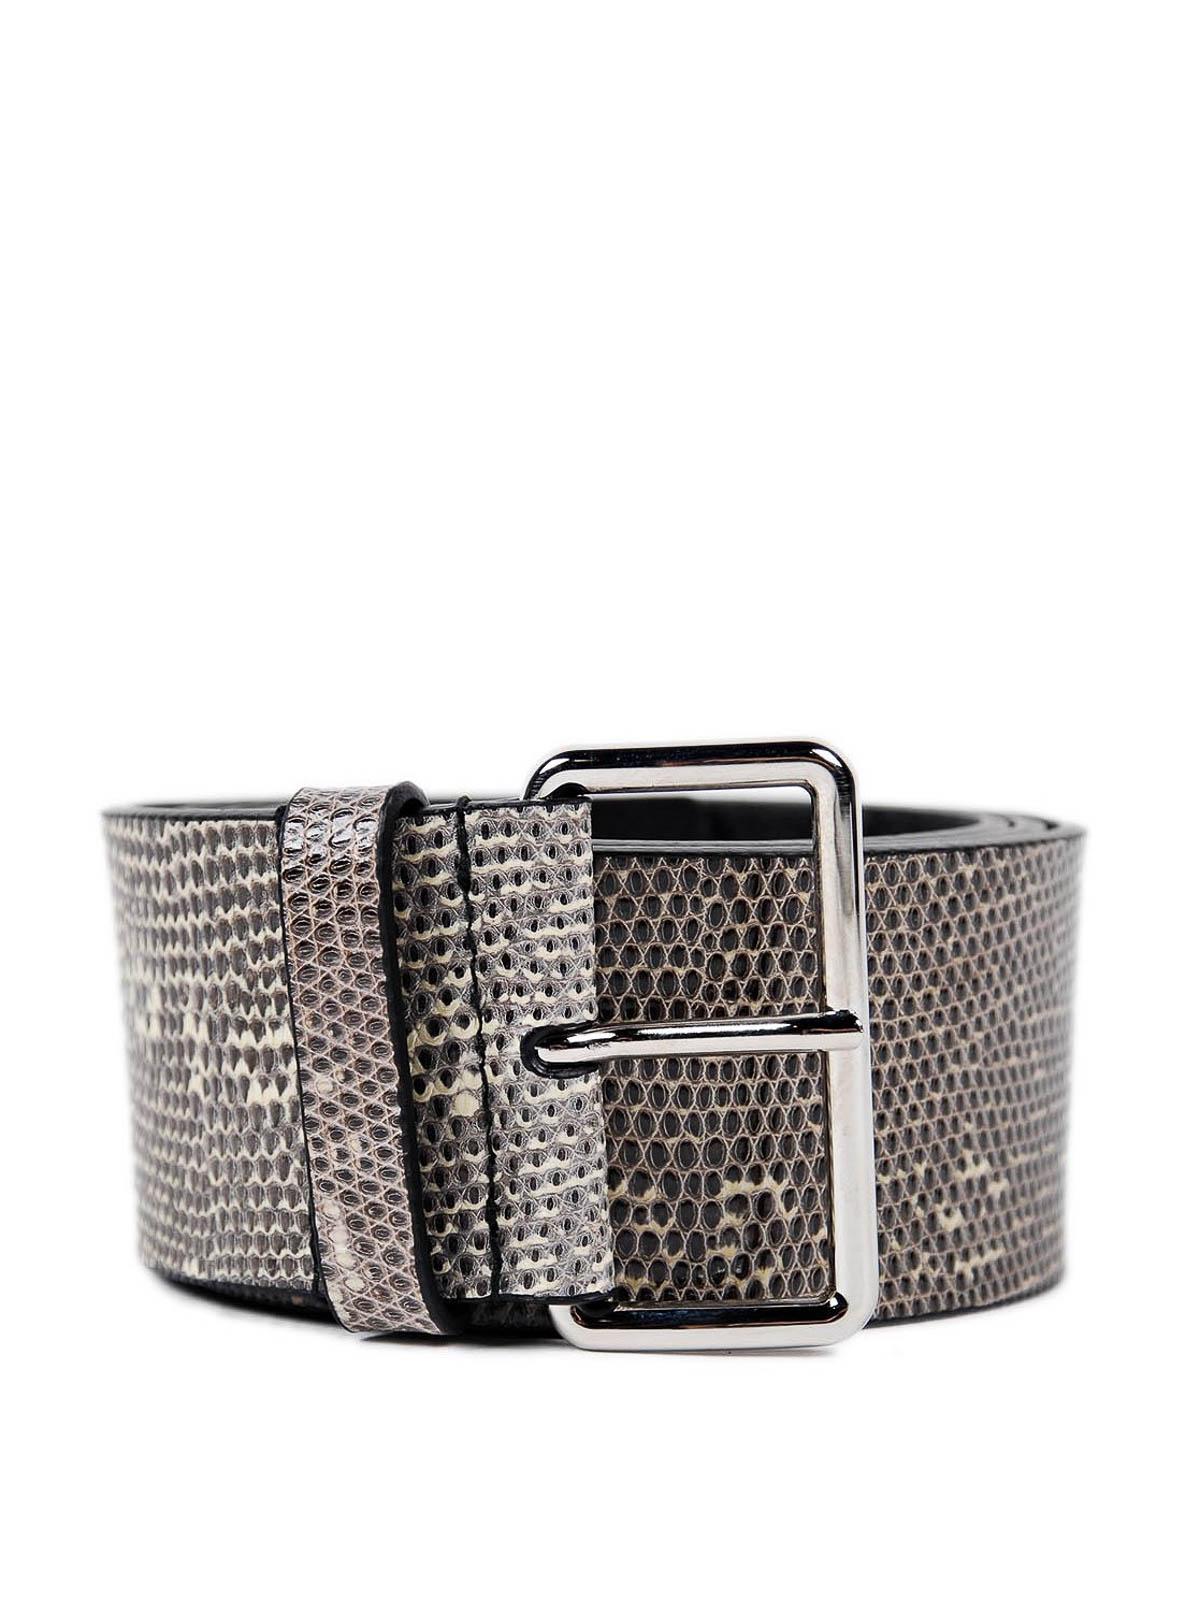 Lizard belt by Prada - belts | iKRIX